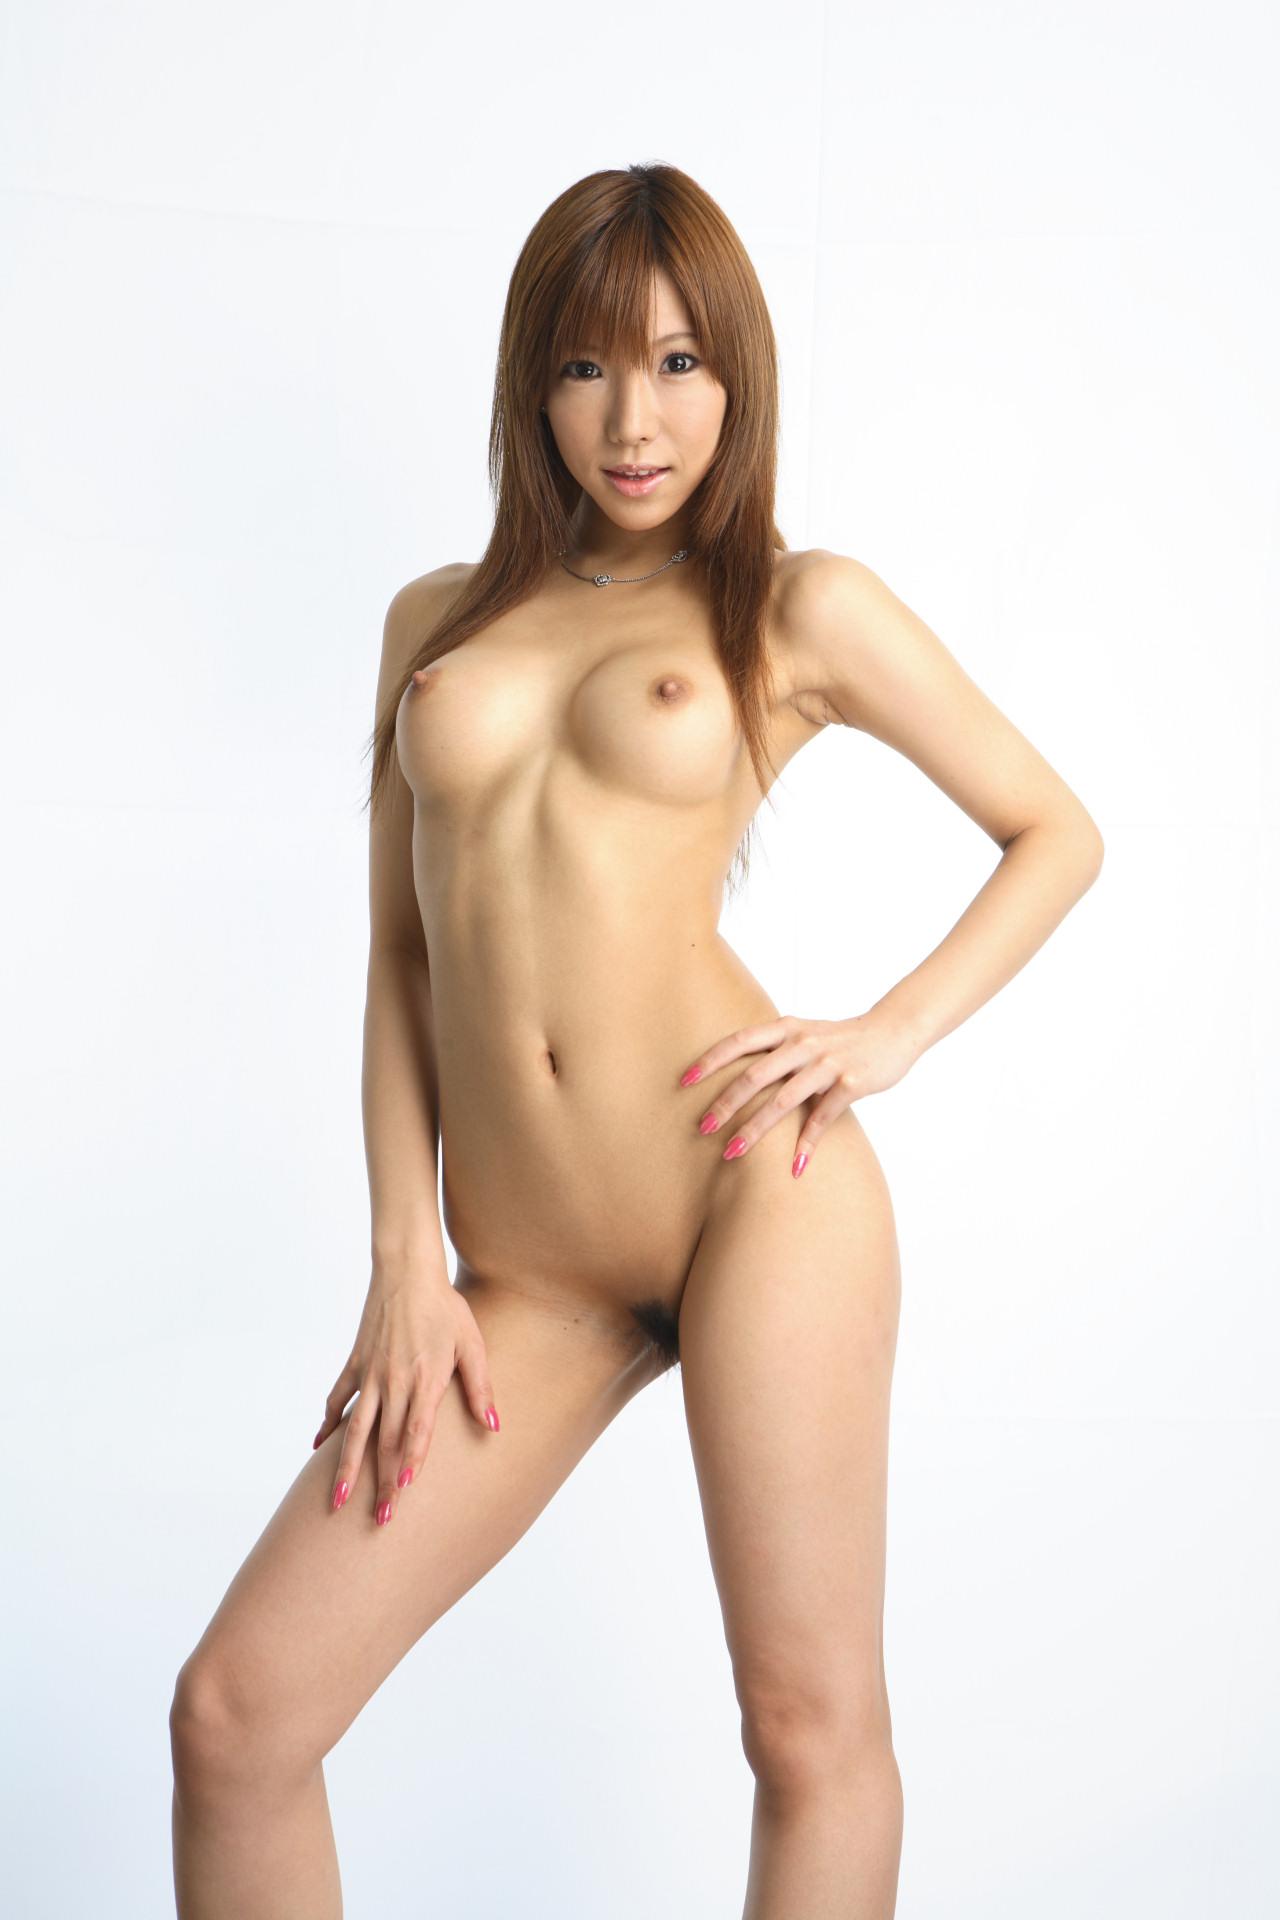 スカイエンジェル Vol.60 無修正画像02